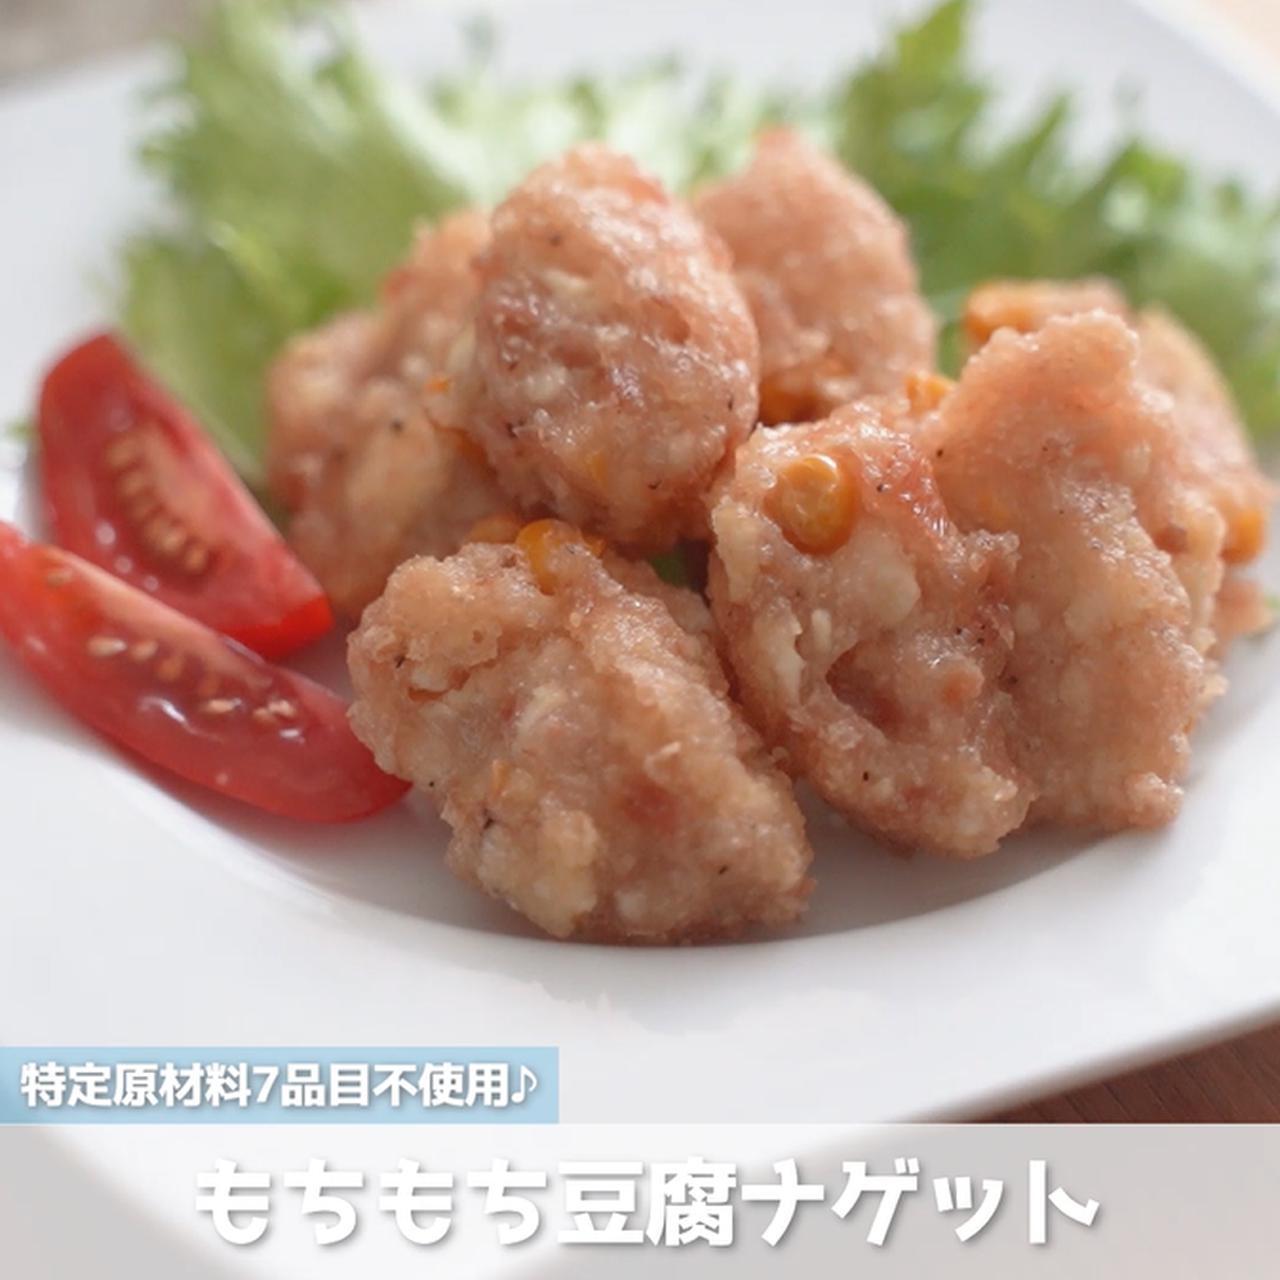 画像: もちもちふわふわやみつき食感の豆腐ナゲット - 君とごはん